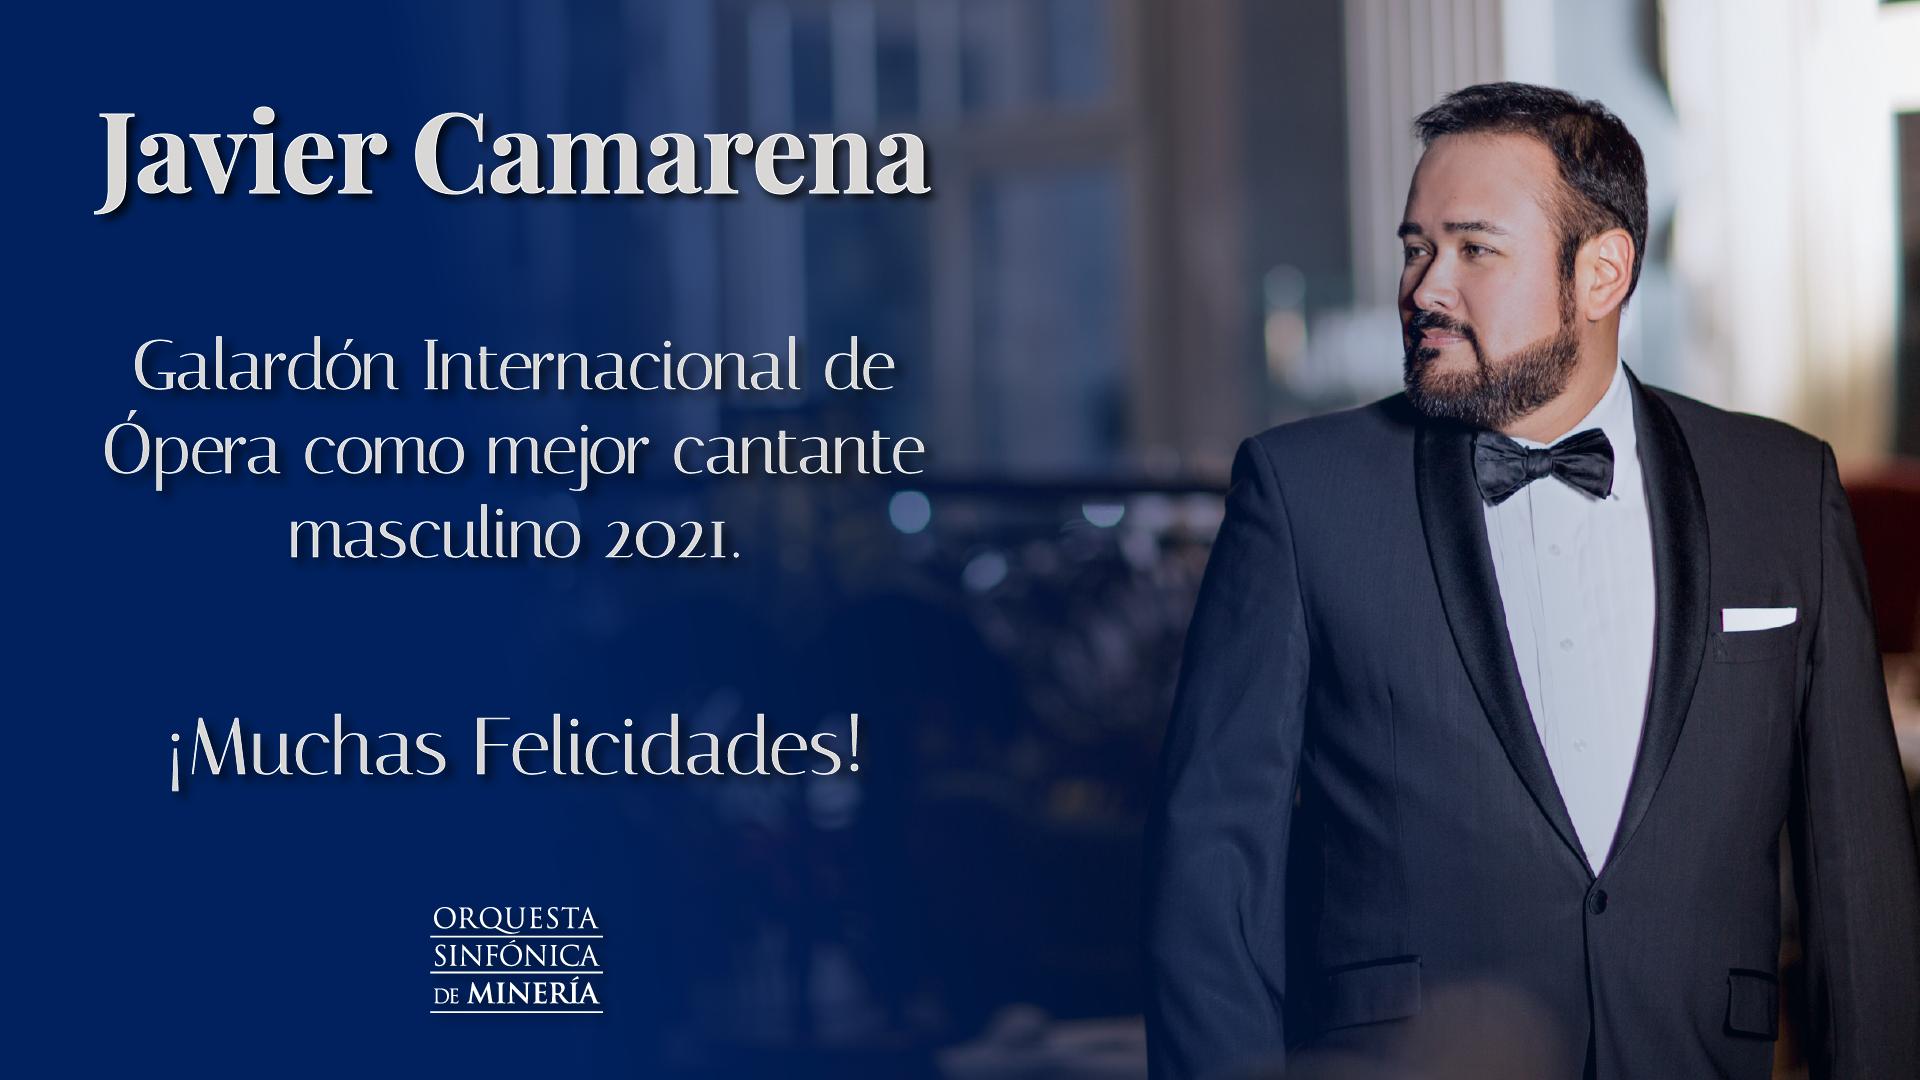 ¡Felicidades Javier Camarena!